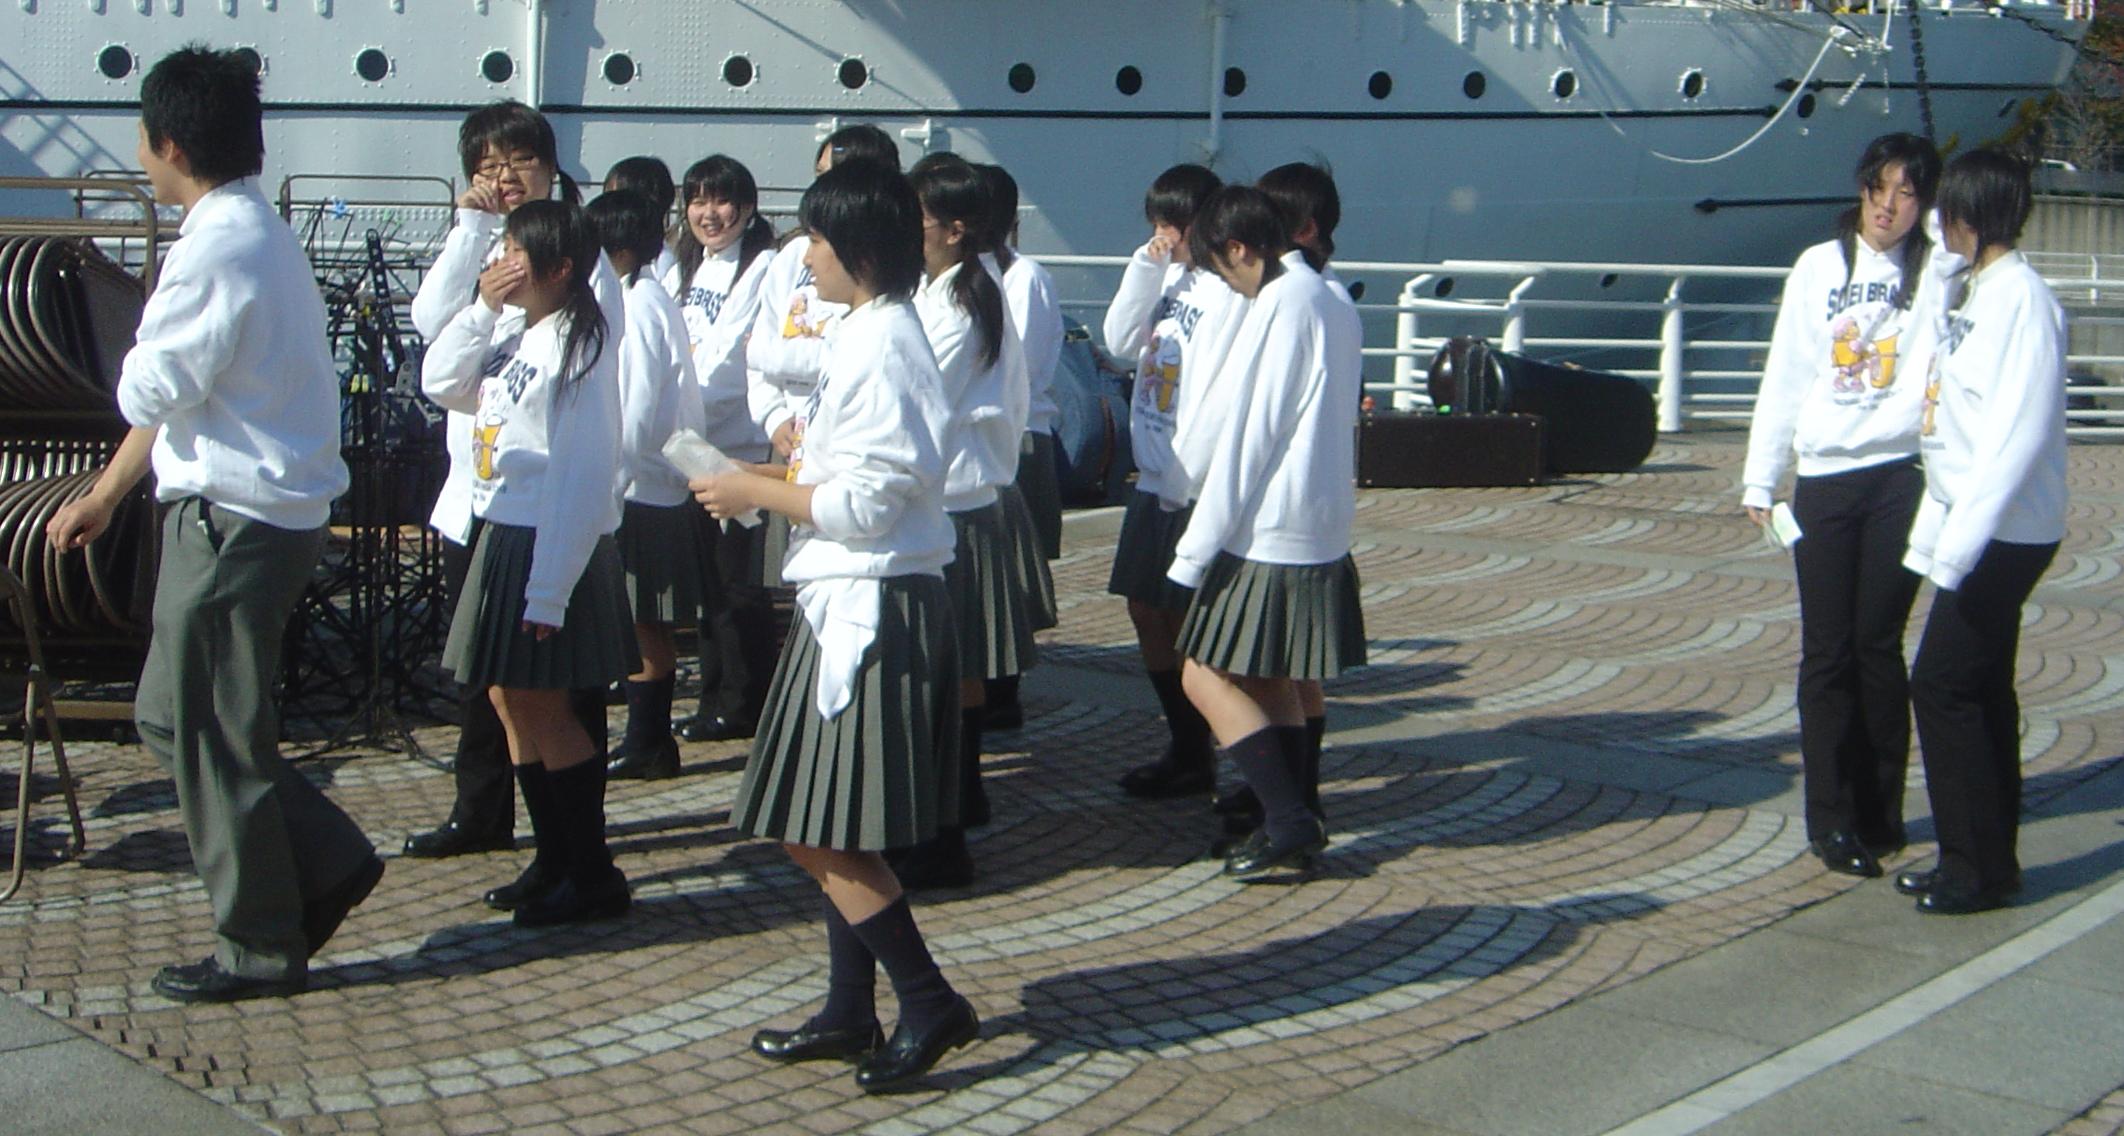 japanese school File:Japanese school uniform dsc06050.jpg